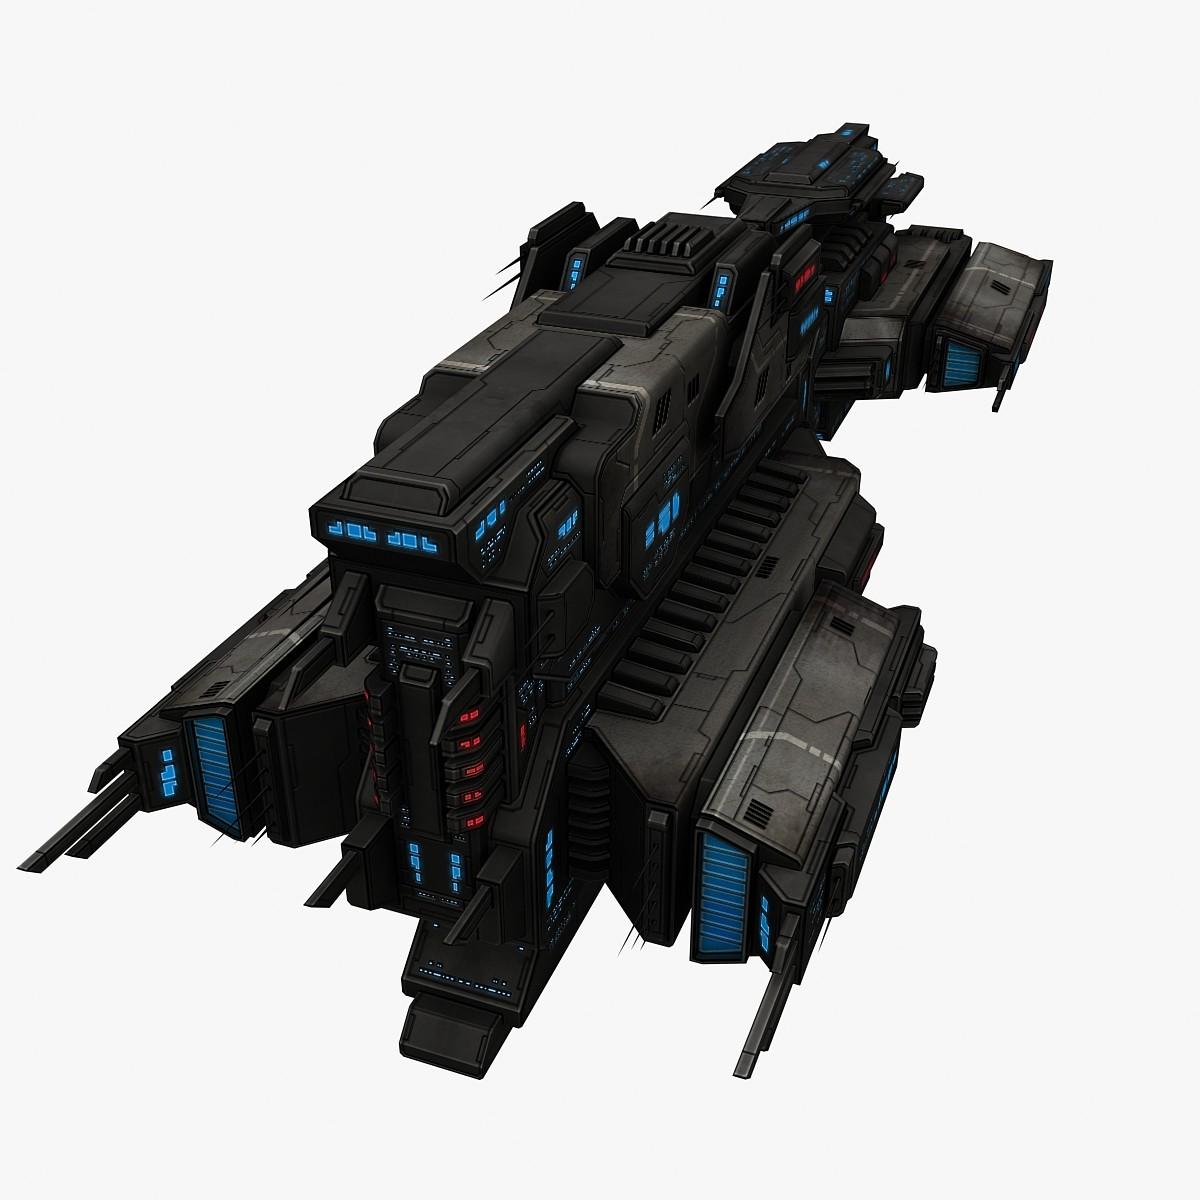 massive_battleship_1_preview_0.jpg